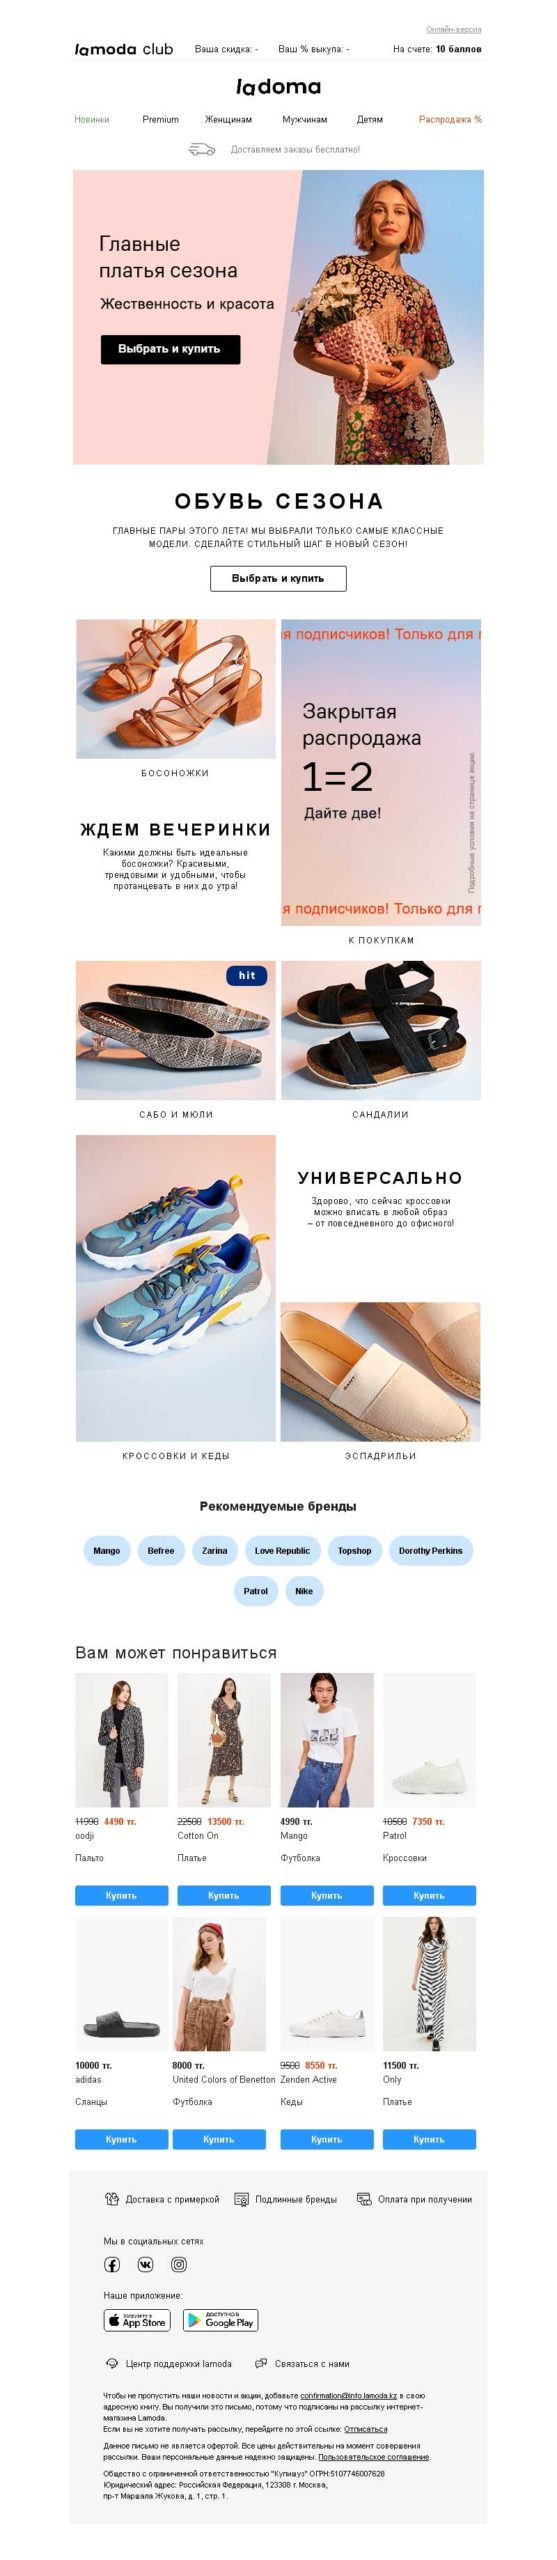 Рекламная рассылка с женской летней одеждой и обувью от марки Lamoda